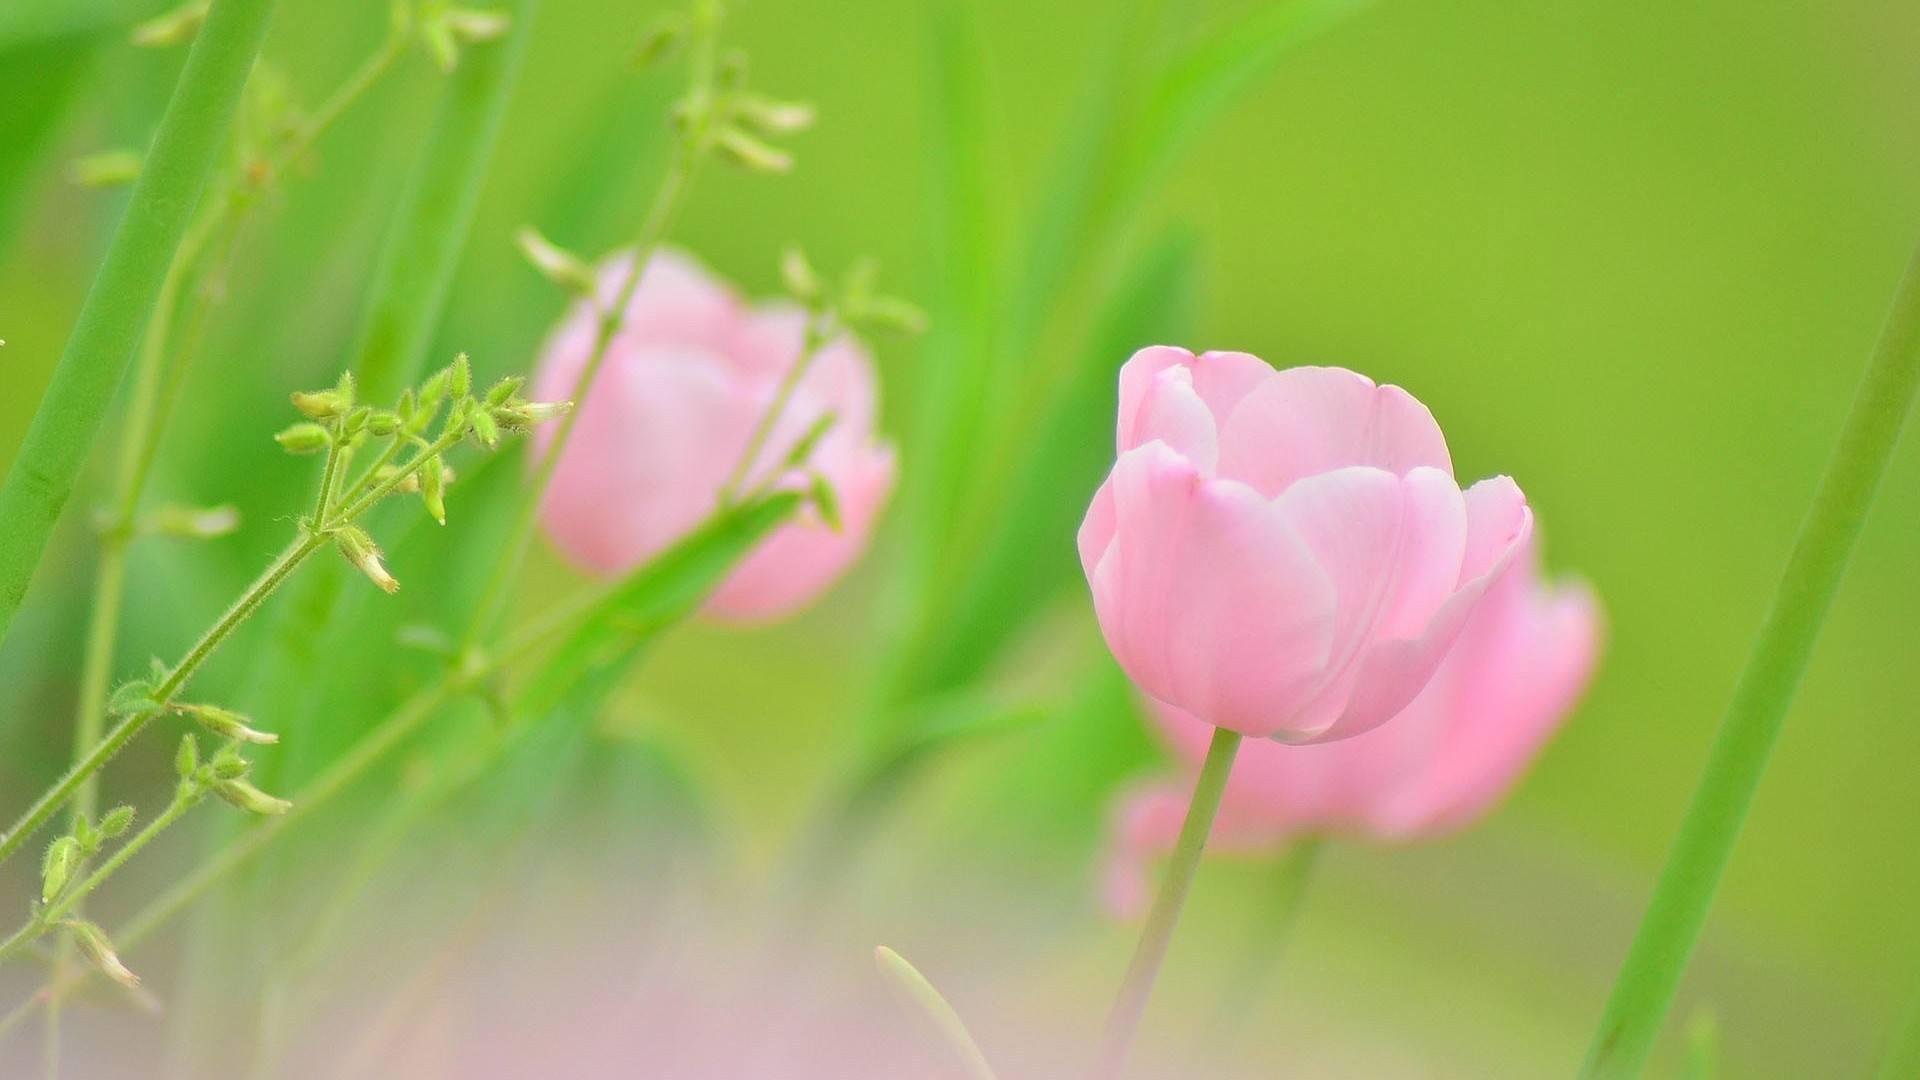 追求梦想坚强的正能量语录说说:我不可以流泪,因为我要坚强